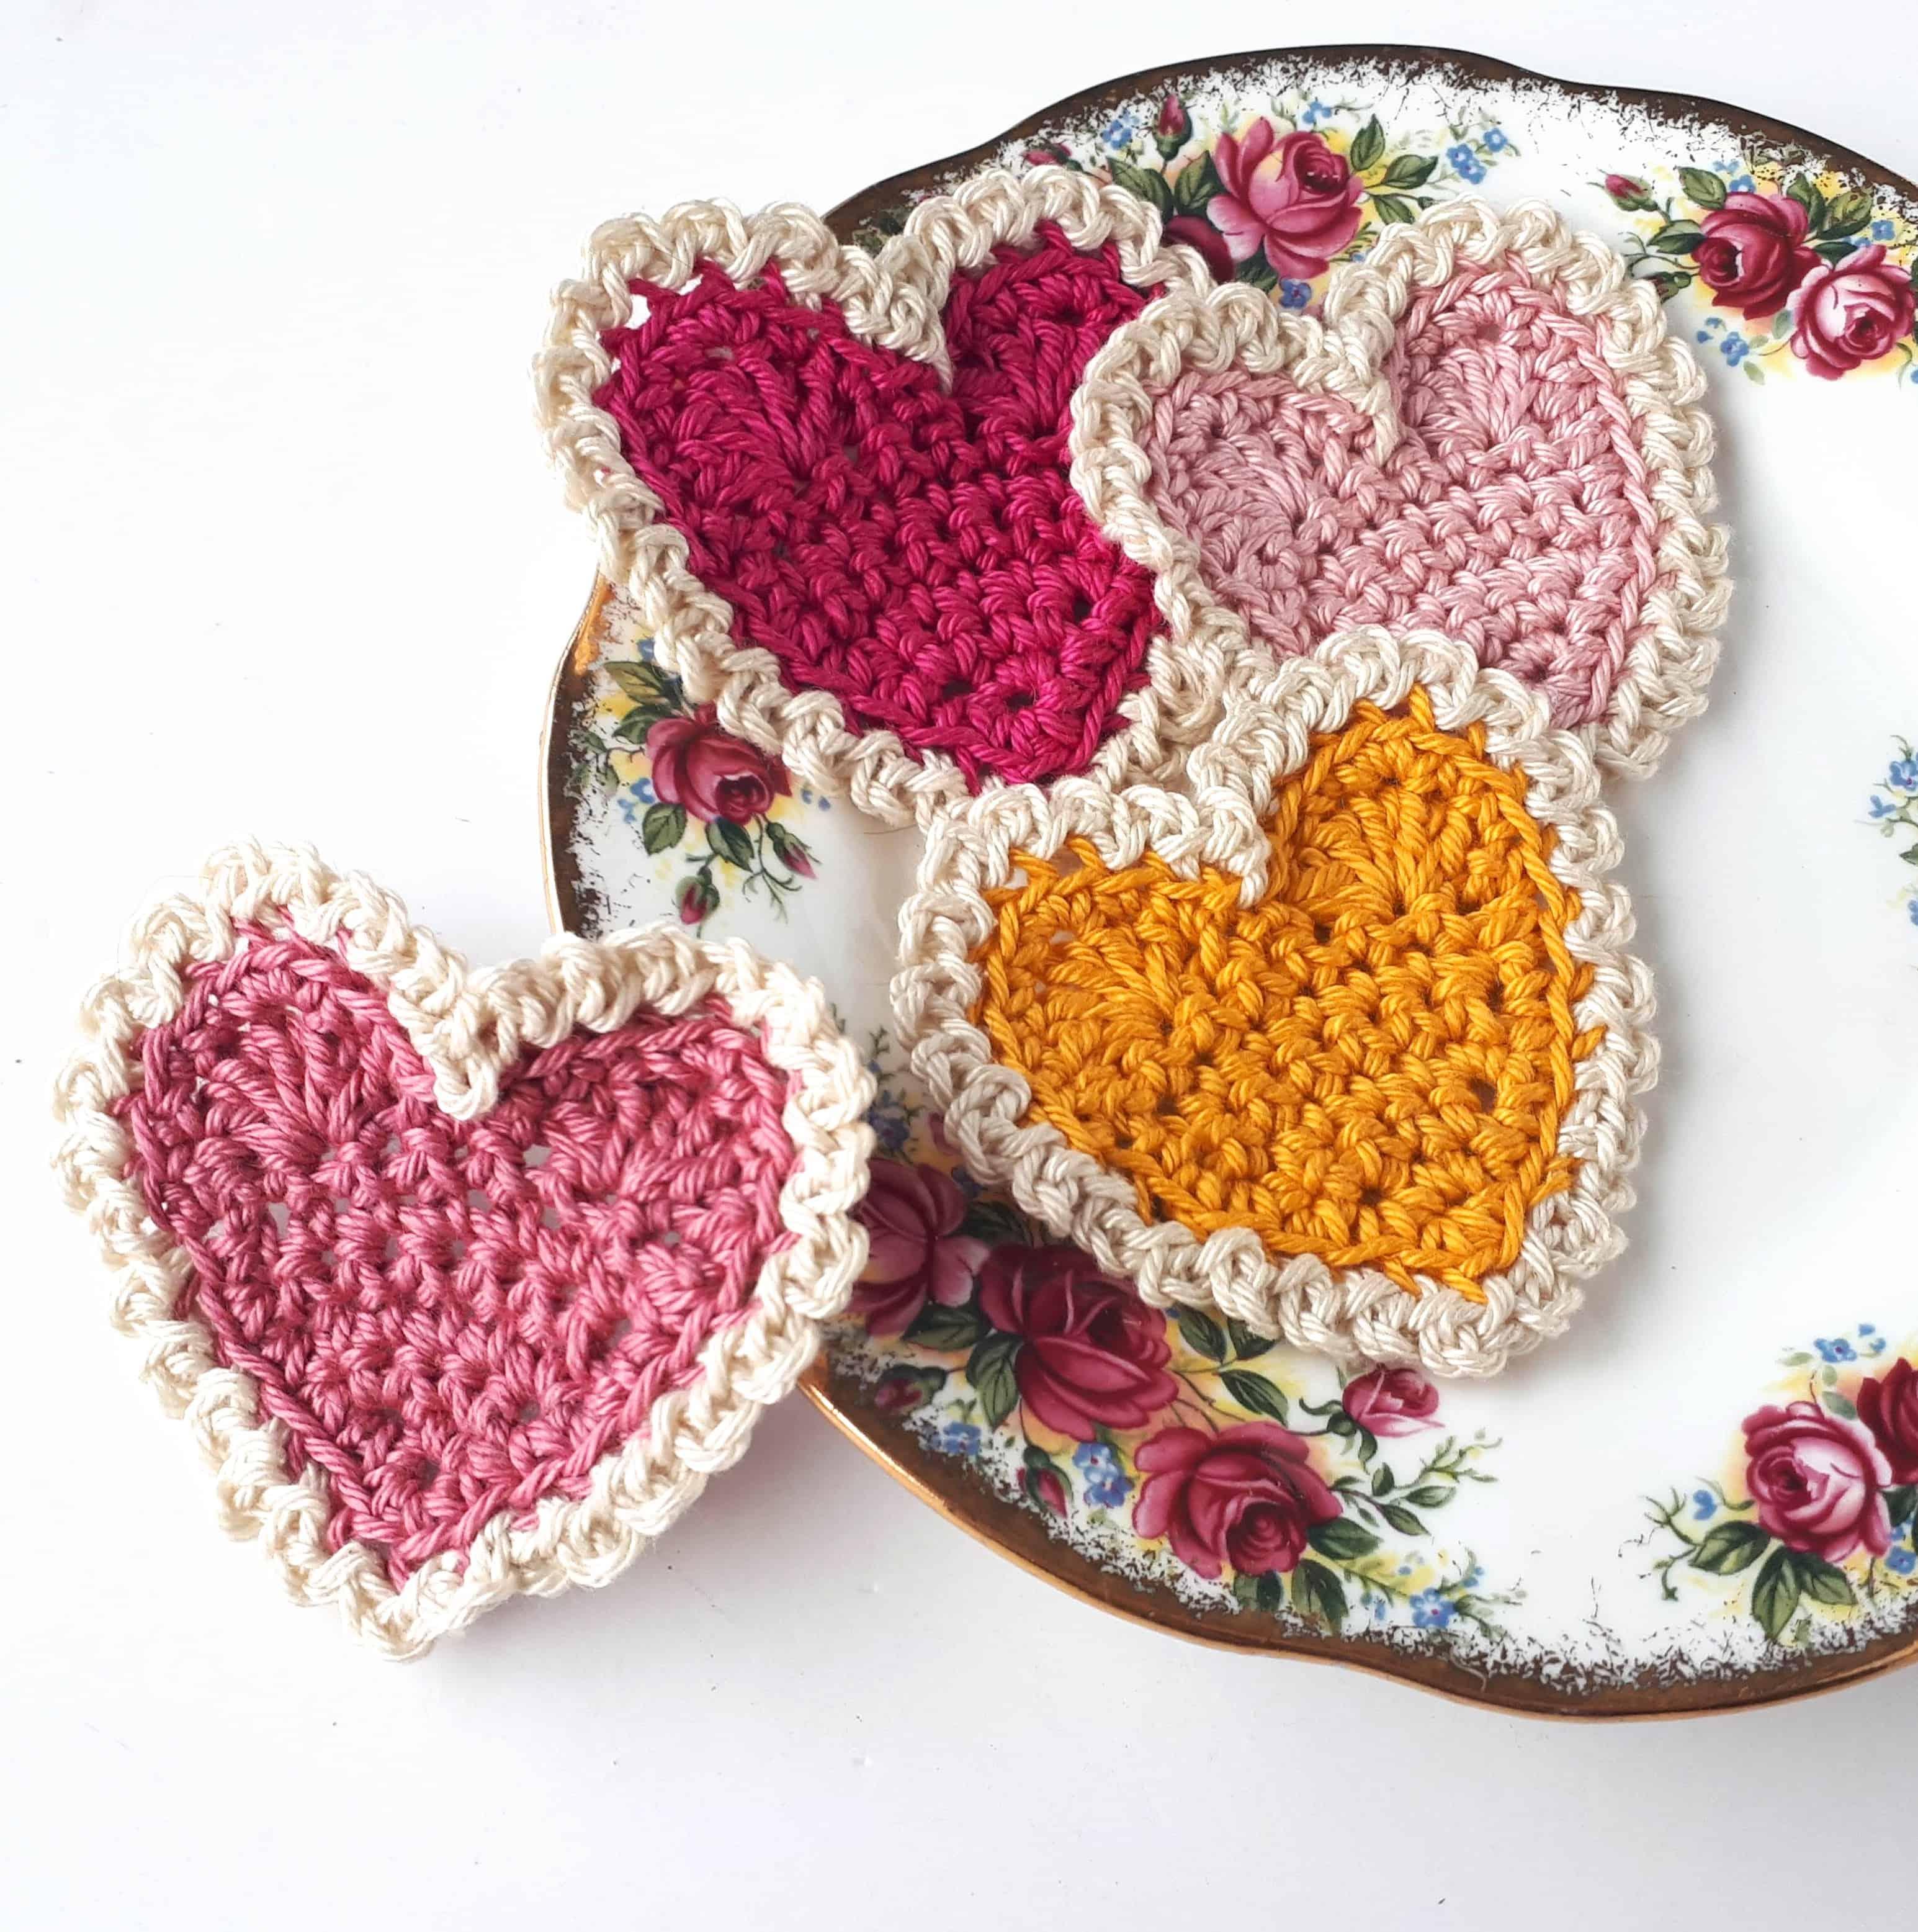 Vintage Crochet Hearts Free Crochet Pattern